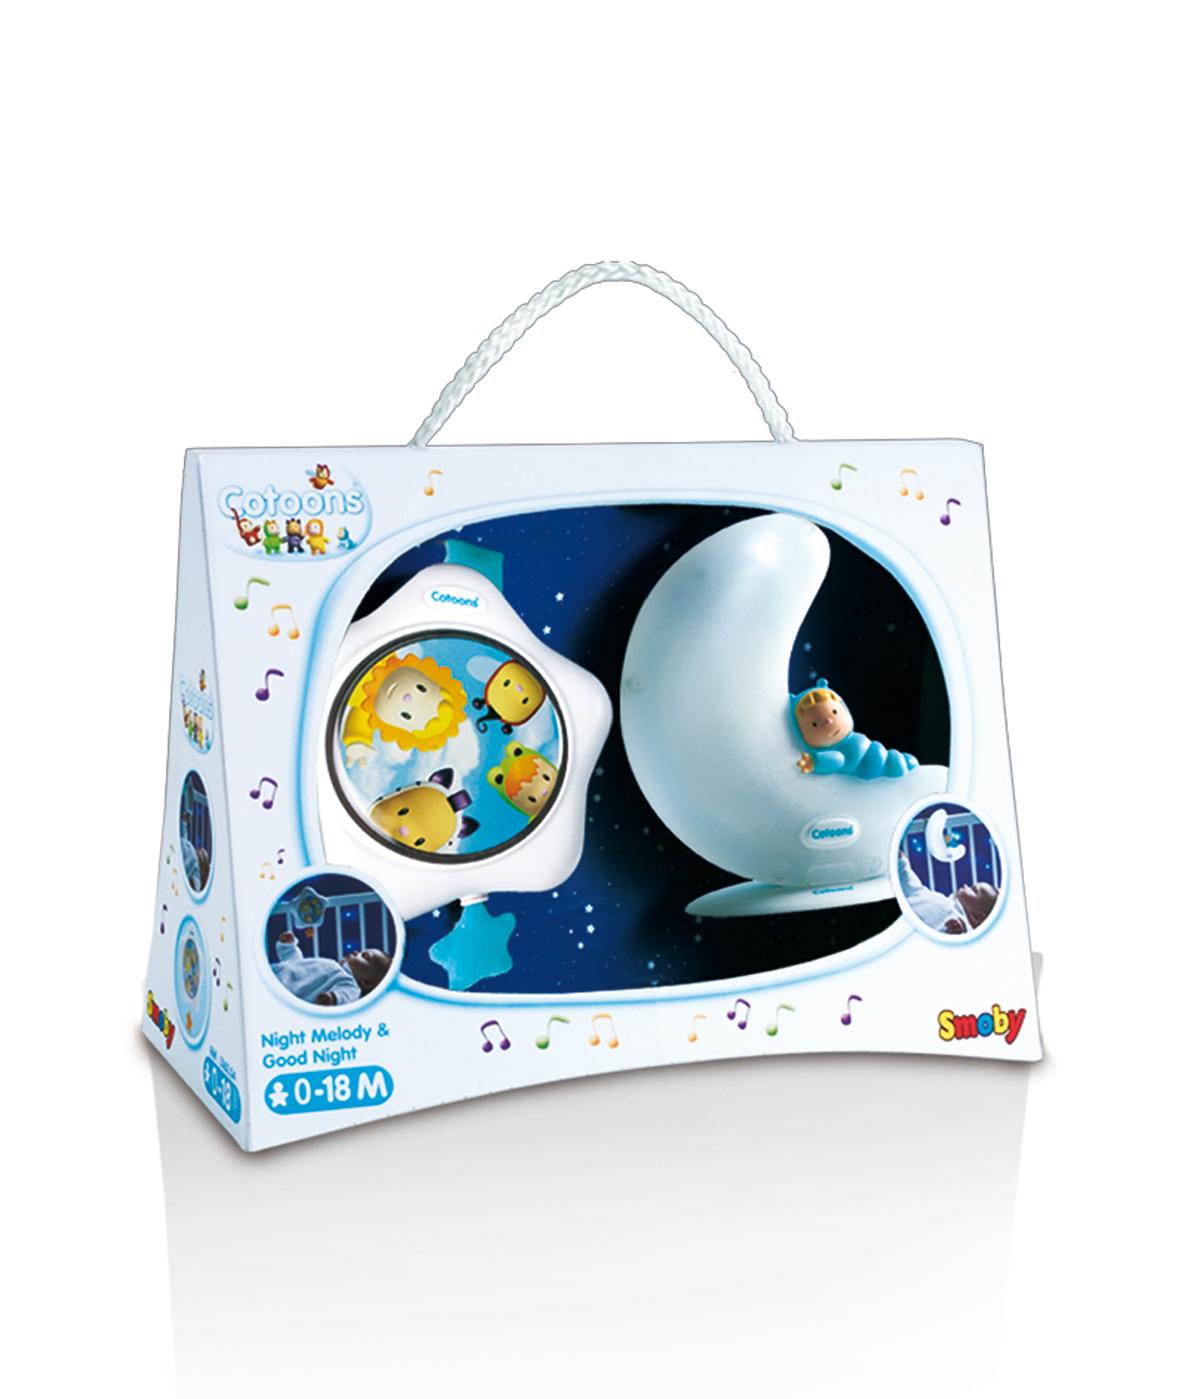 SMOBY 316204 modrý svietiaci mesiačik a hviezdička Cotoons pre najmenšie deti